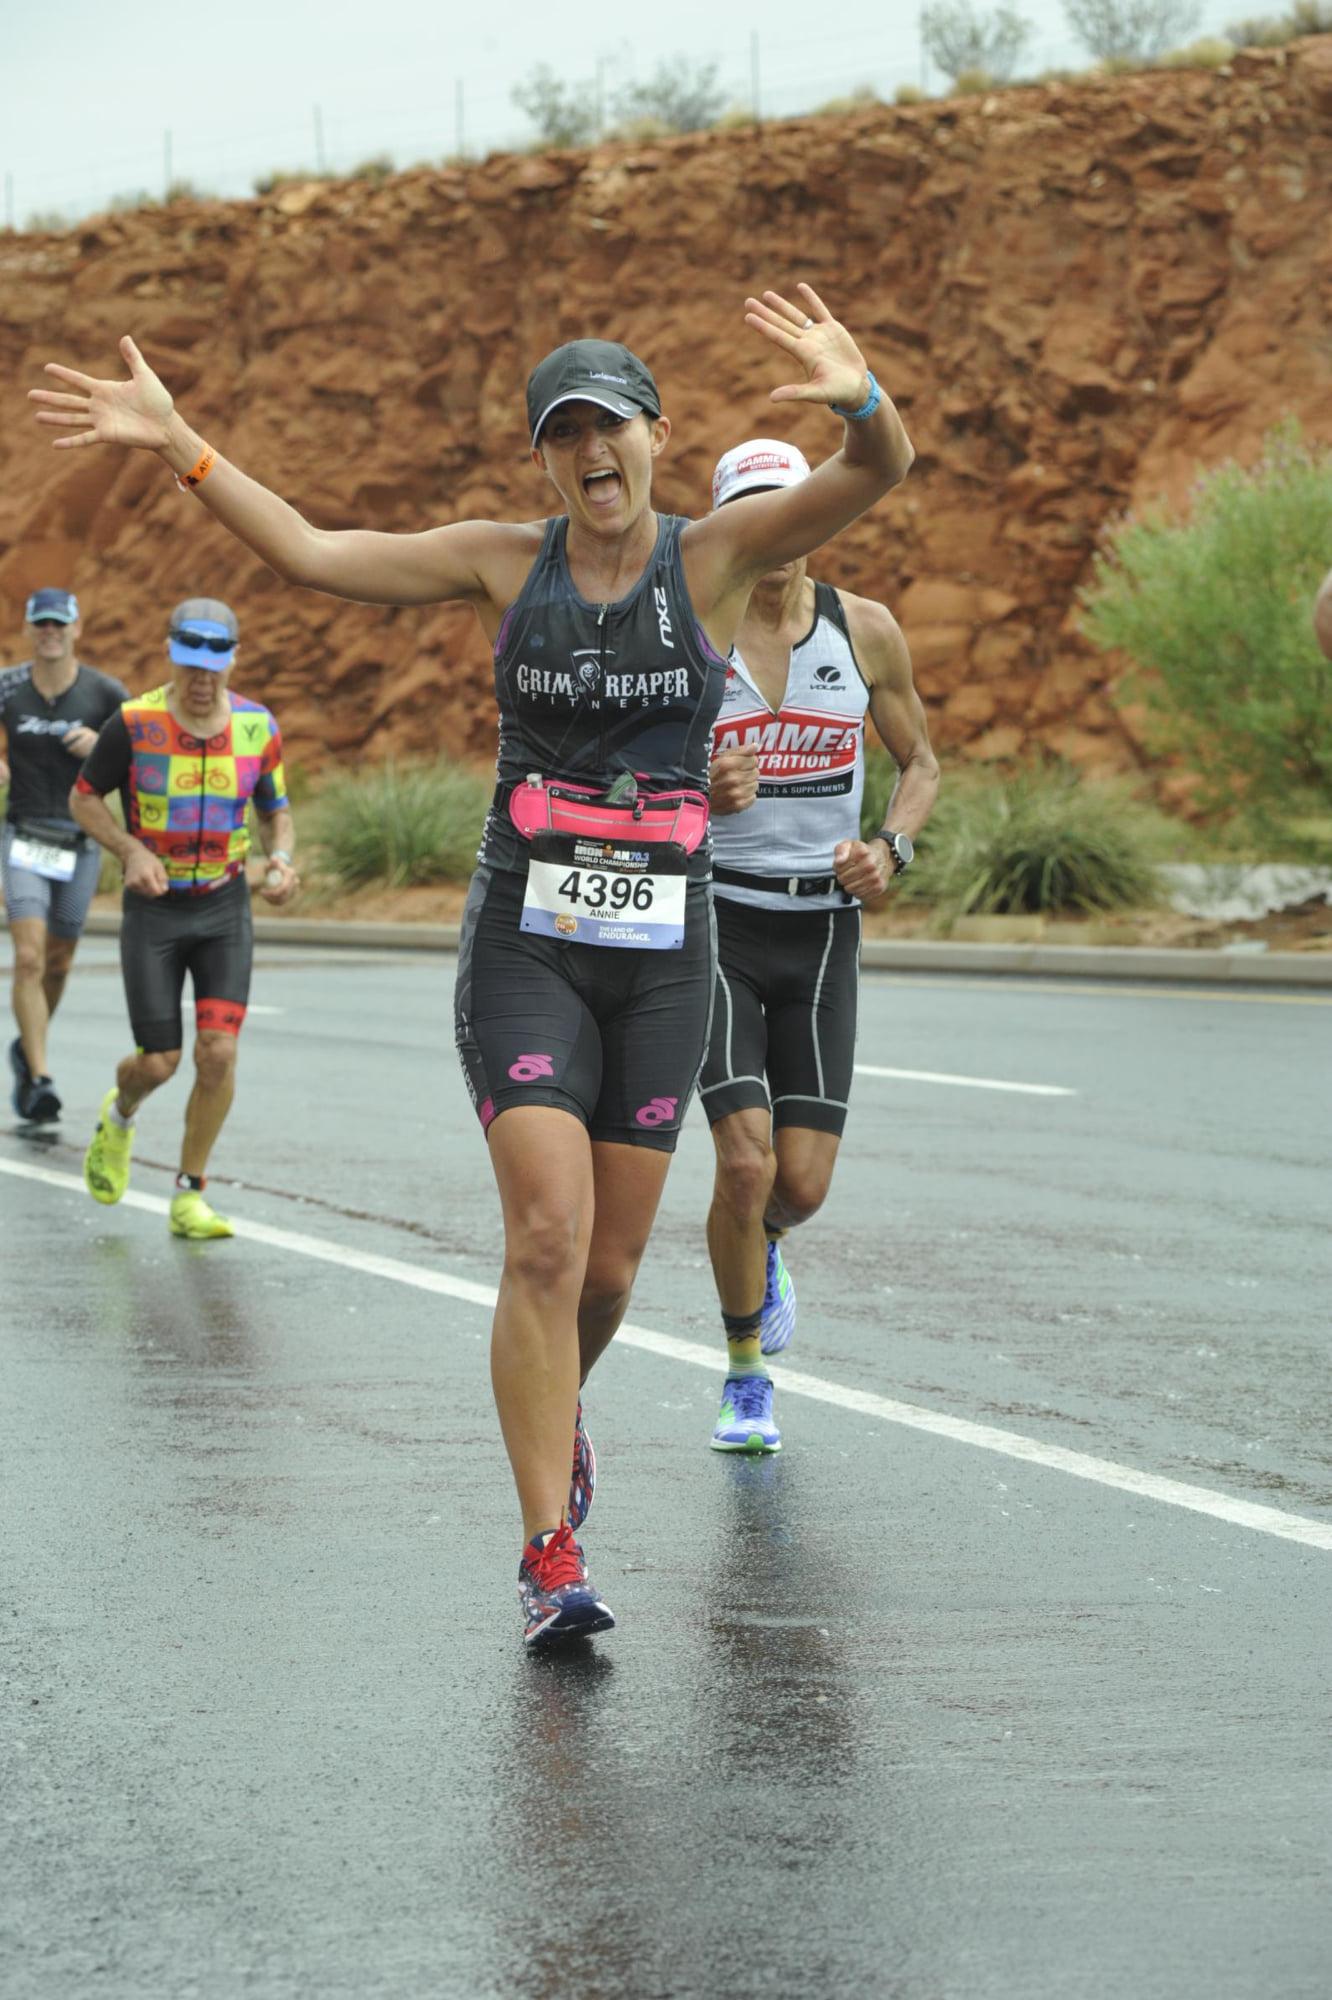 Annie McGee racing at St. George, Utah